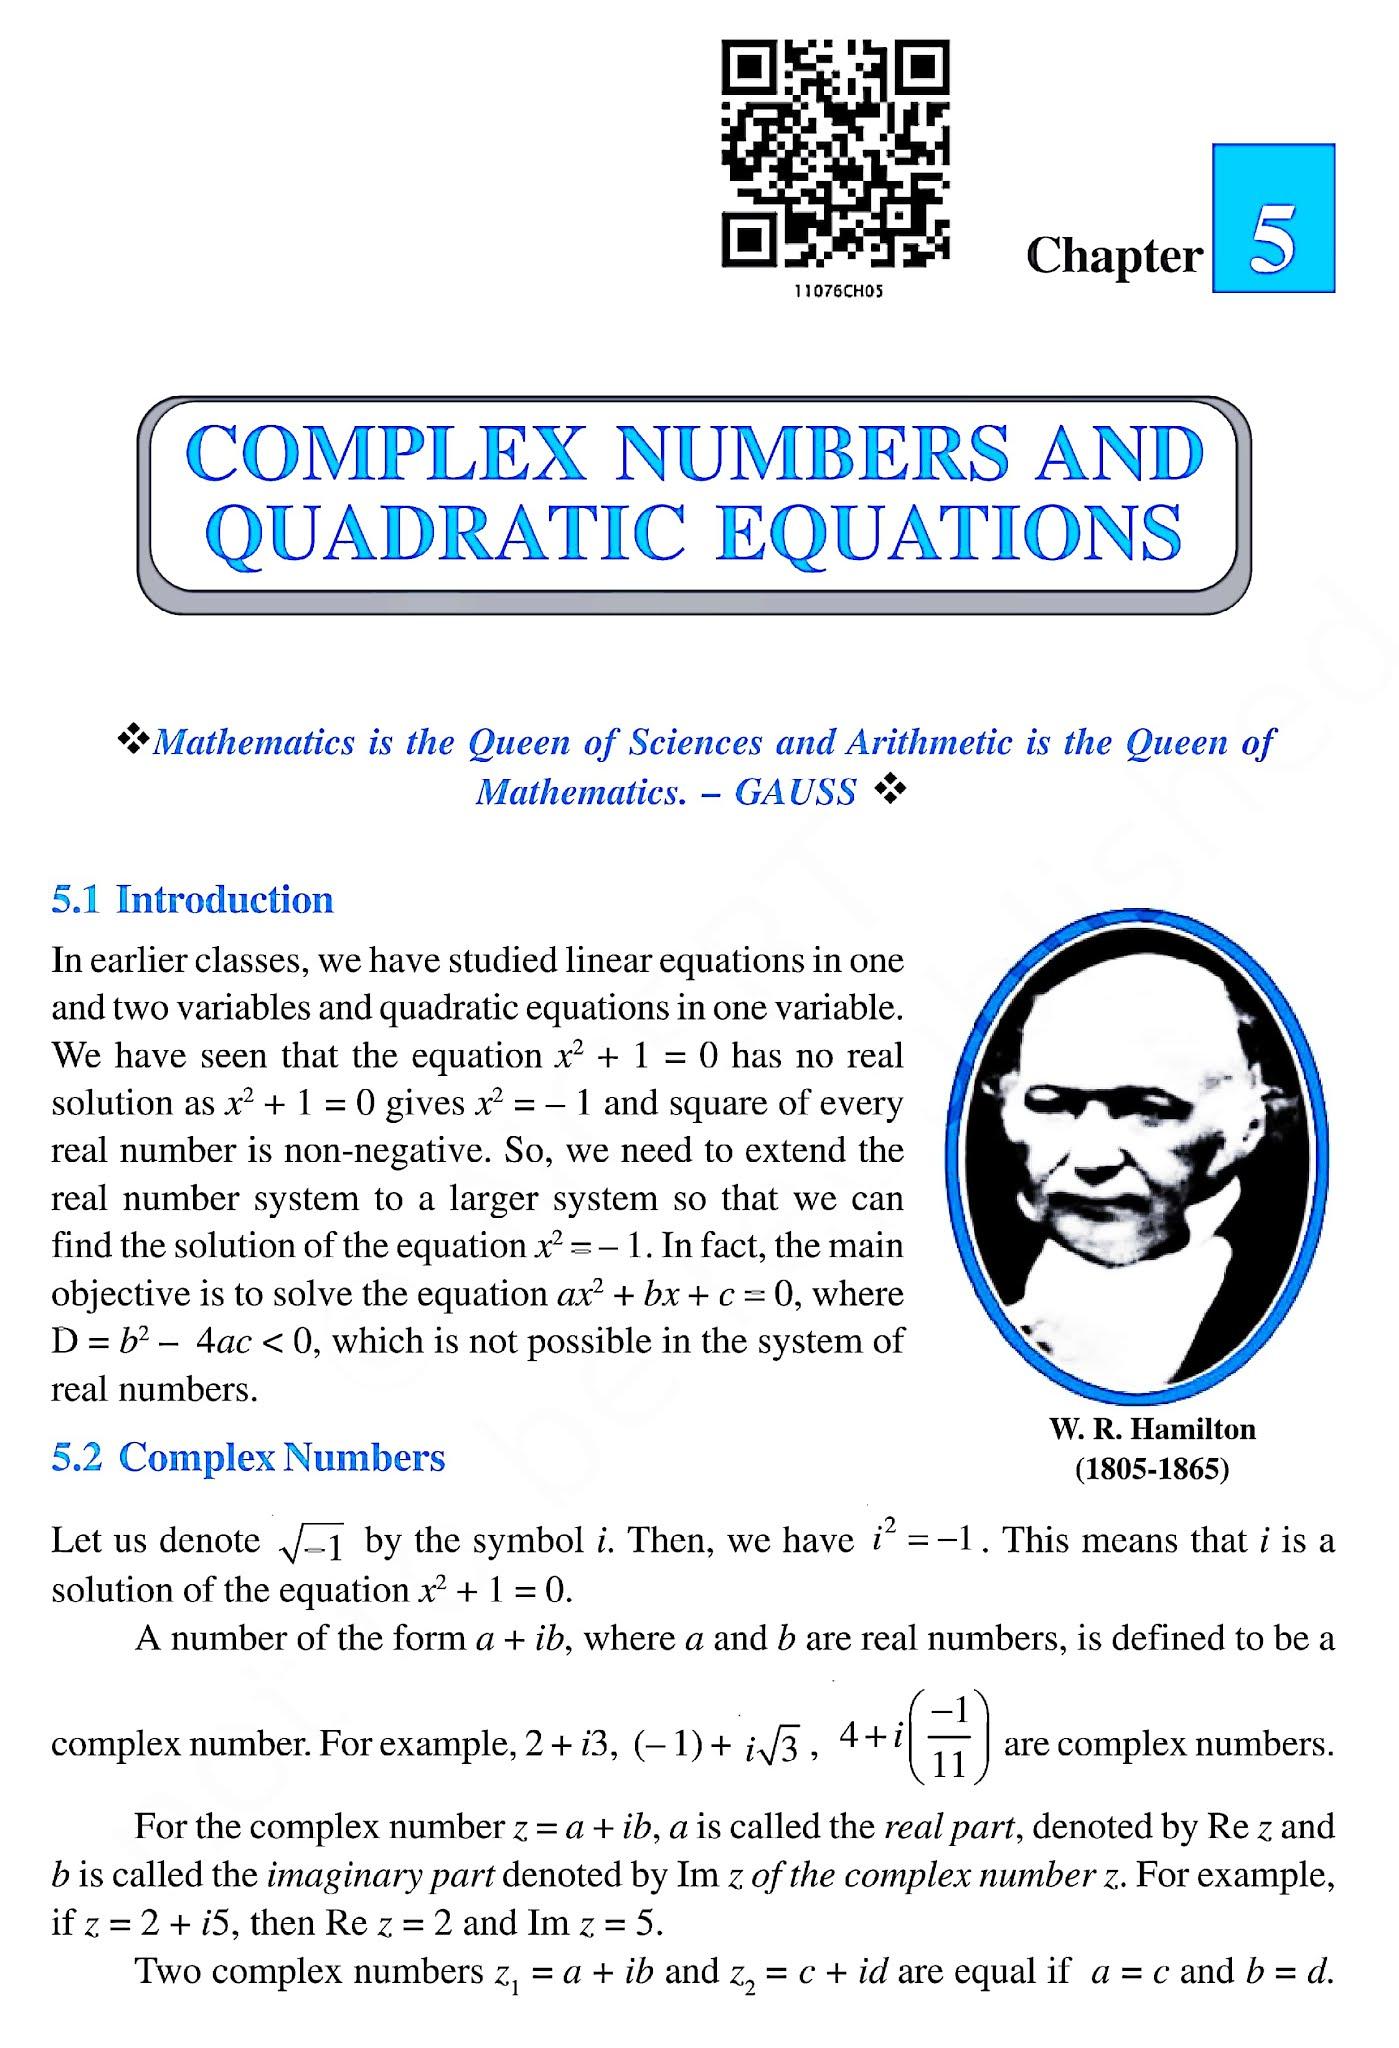 Class 11 Maths Chapter 5 Text Book - English Medium,  11th Maths book in hindi,11th Maths notes in hindi,cbse books for class  11,cbse books in hindi,cbse ncert books,class  11  Maths notes in hindi,class  11 hindi ncert solutions, Maths 2020, Maths 2021, Maths 2022, Maths book class  11, Maths book in hindi, Maths class  11 in hindi, Maths notes for class  11 up board in hindi,ncert all books,ncert app in hindi,ncert book solution,ncert books class 10,ncert books class  11,ncert books for class 7,ncert books for upsc in hindi,ncert books in hindi class 10,ncert books in hindi for class  11  Maths,ncert books in hindi for class 6,ncert books in hindi pdf,ncert class  11 hindi book,ncert english book,ncert  Maths book in hindi,ncert  Maths books in hindi pdf,ncert  Maths class  11,ncert in hindi,old ncert books in hindi,online ncert books in hindi,up board  11th,up board  11th syllabus,up board class 10 hindi book,up board class  11 books,up board class  11 new syllabus,up Board  Maths 2020,up Board  Maths 2021,up Board  Maths 2022,up Board  Maths 2023,up board intermediate  Maths syllabus,up board intermediate syllabus 2021,Up board Master 2021,up board model paper 2021,up board model paper all subject,up board new syllabus of class 11th Maths,up board paper 2021,Up board syllabus 2021,UP board syllabus 2022,   11 वीं मैथ्स पुस्तक हिंदी में,  11 वीं मैथ्स नोट्स हिंदी में, कक्षा  11 के लिए सीबीएससी पुस्तकें, हिंदी में सीबीएससी पुस्तकें, सीबीएससी  पुस्तकें, कक्षा  11 मैथ्स नोट्स हिंदी में, कक्षा  11 हिंदी एनसीईआरटी समाधान, मैथ्स 2020, मैथ्स 2021, मैथ्स 2022, मैथ्स  बुक क्लास  11, मैथ्स बुक इन हिंदी, बायोलॉजी क्लास  11 हिंदी में, मैथ्स नोट्स इन क्लास  11 यूपी  बोर्ड इन हिंदी, एनसीईआरटी मैथ्स की किताब हिंदी में,  बोर्ड  11 वीं तक,  11 वीं तक की पाठ्यक्रम, बोर्ड कक्षा 10 की हिंदी पुस्तक  , बोर्ड की कक्षा  11 की किताबें, बोर्ड की कक्षा  11 की नई पाठ्यक्रम, बोर्ड मैथ्स 2020, यूपी   बोर्ड मैथ्स 2021, यूपी  बोर्ड मैथ्स 2022, यूपी  बोर्ड मैथ्स 2023, यूपी  बोर्ड इंटरमीडिएट बाय